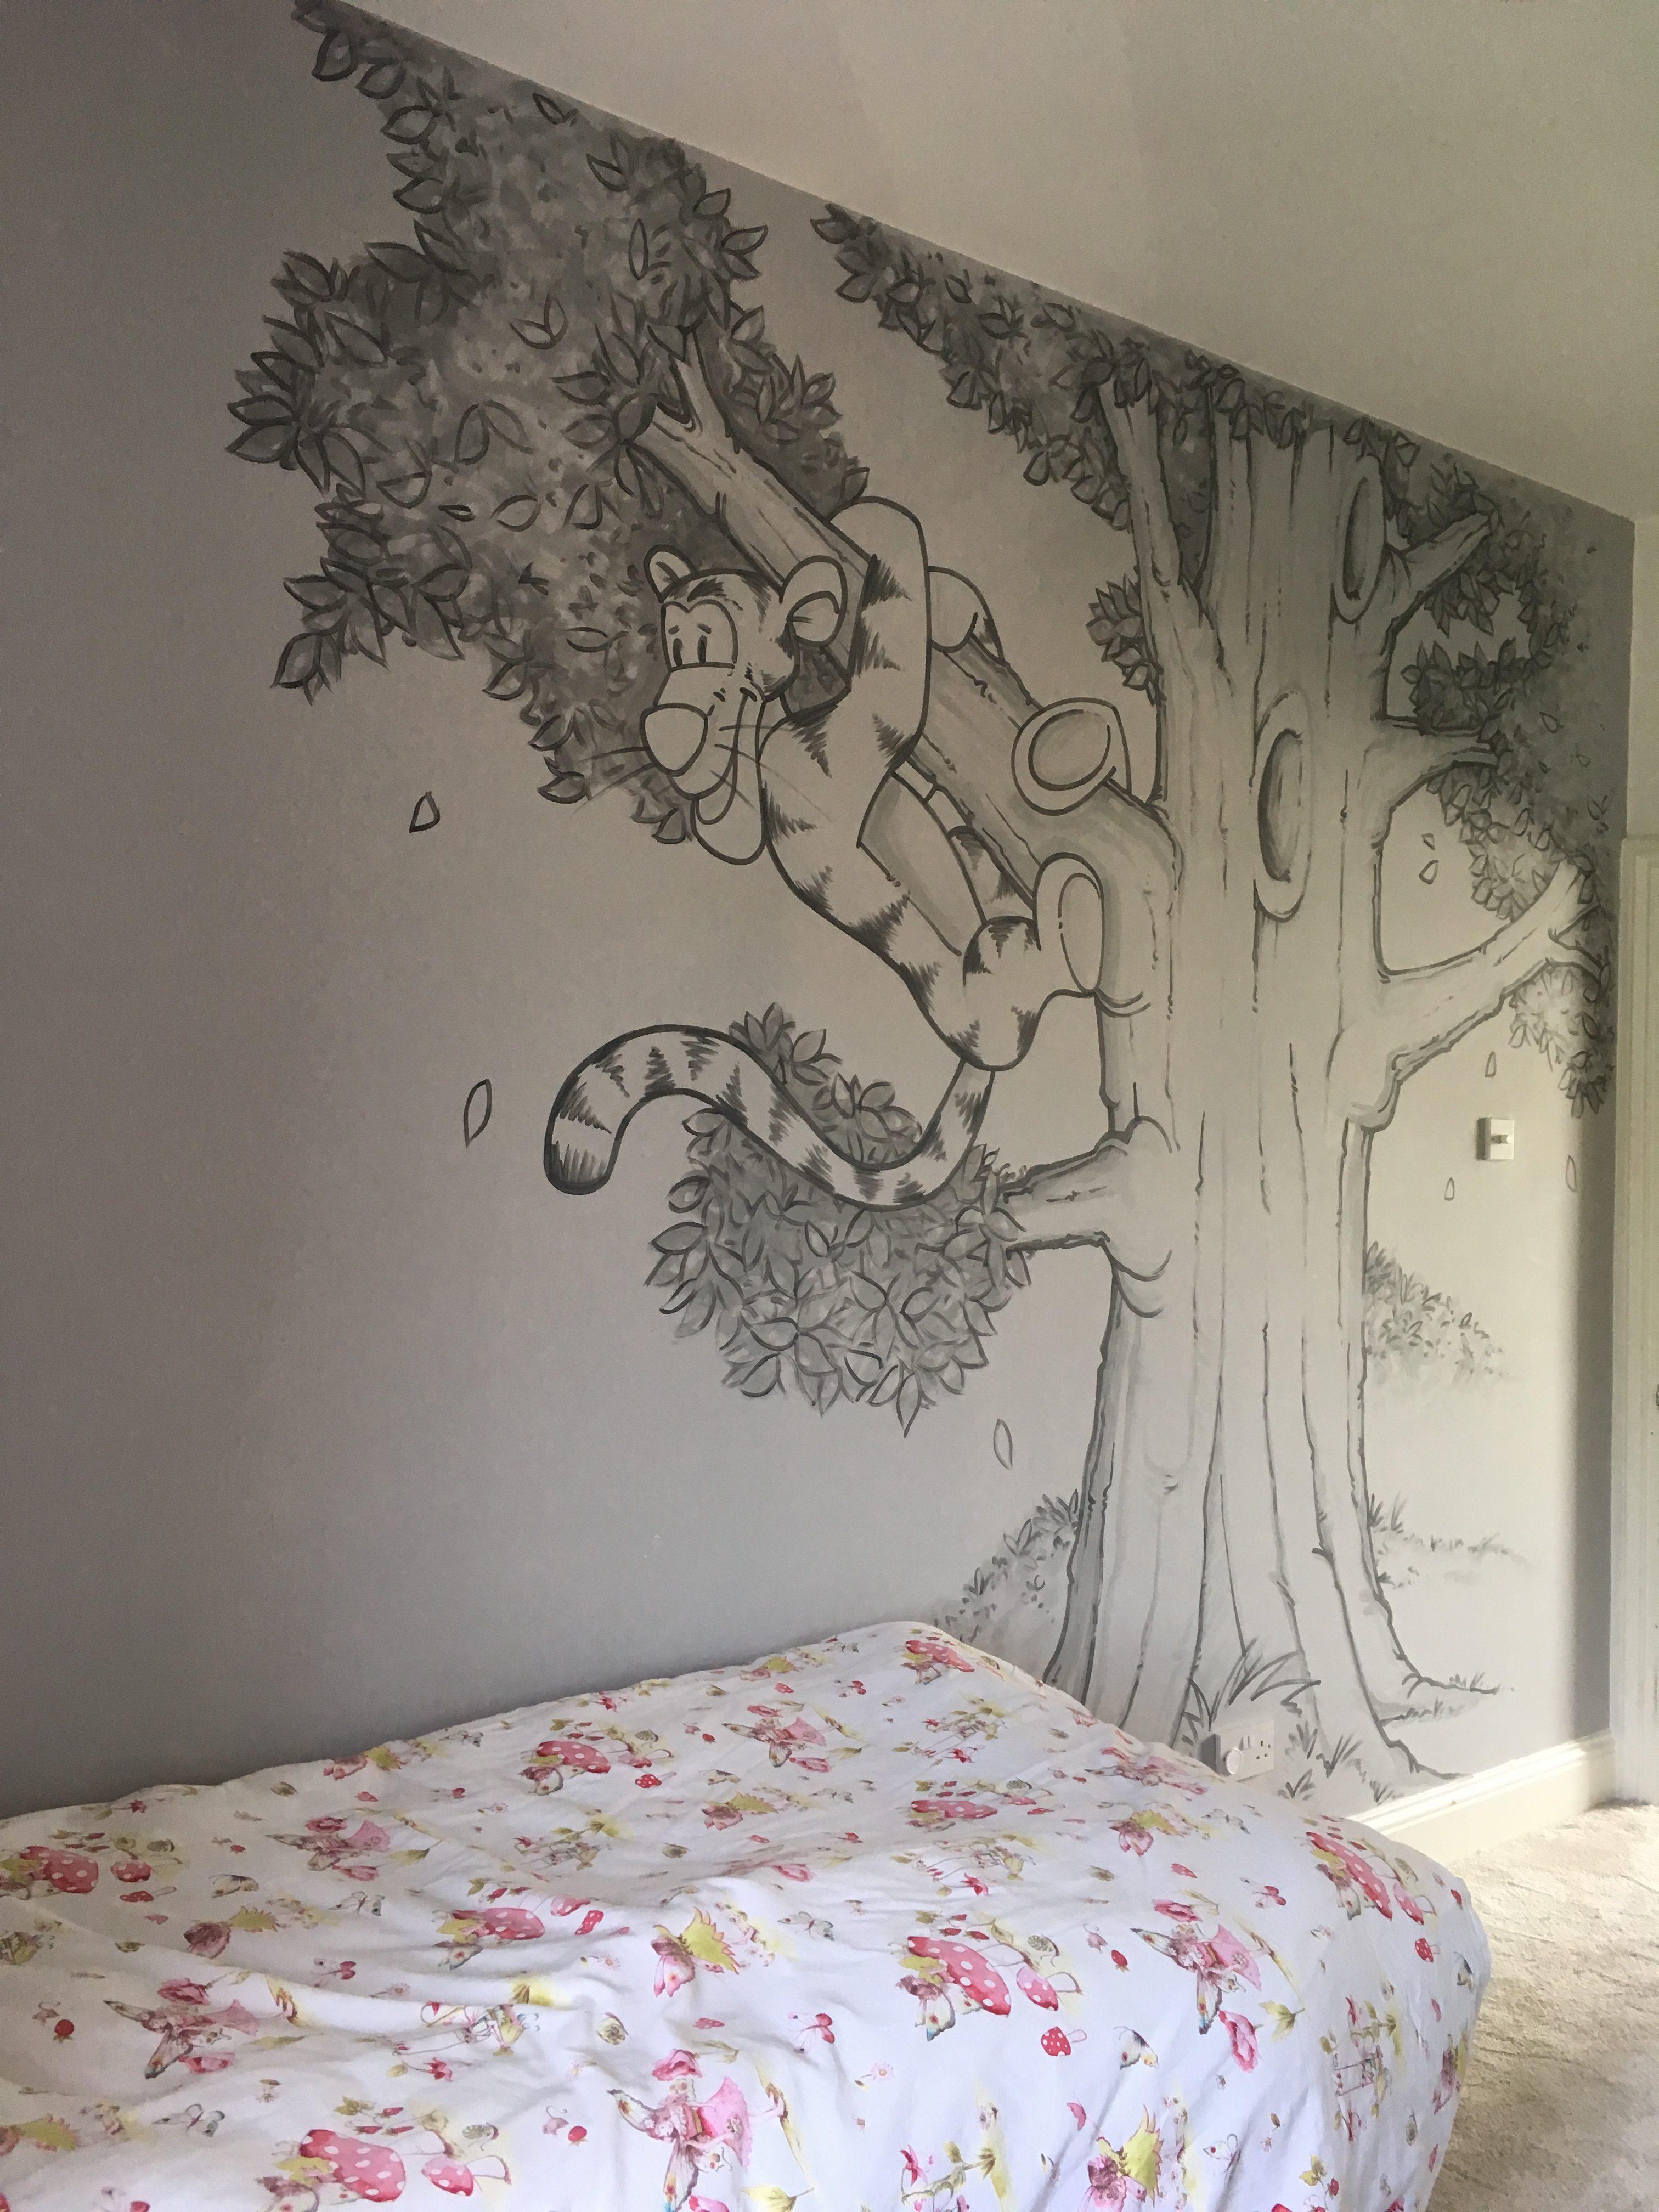 Tigger in Tree Mural